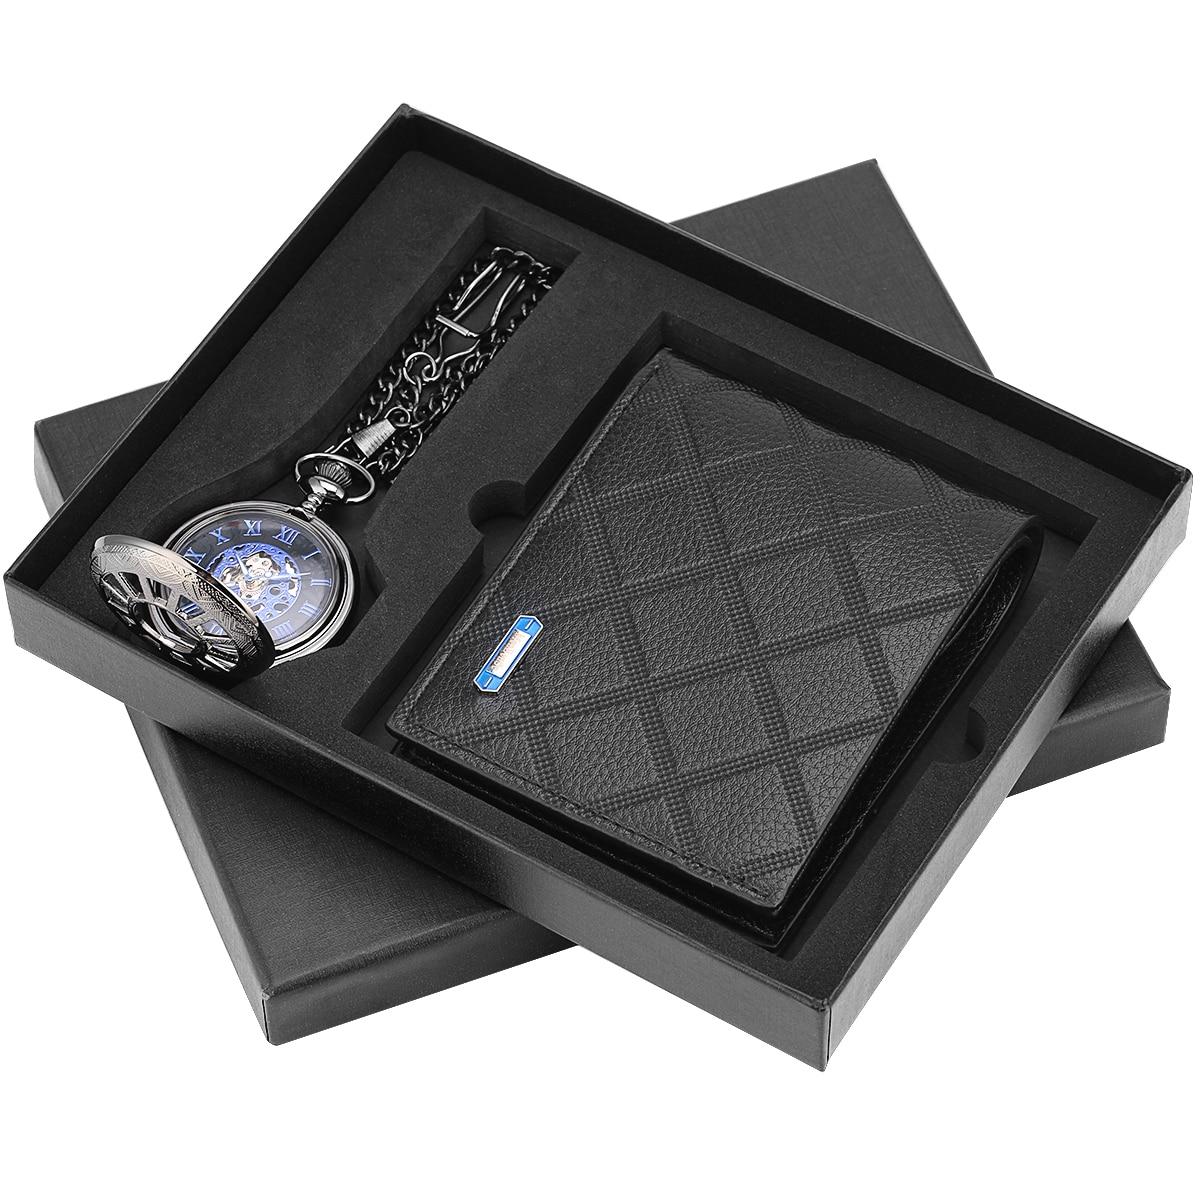 Relógio de Bolso Nova Chegada Bolso Carteira Presente Conjunto Antigo Mecânico Pingente Fob Relógios Negócios Masculino Marido Pai Presentes Natal